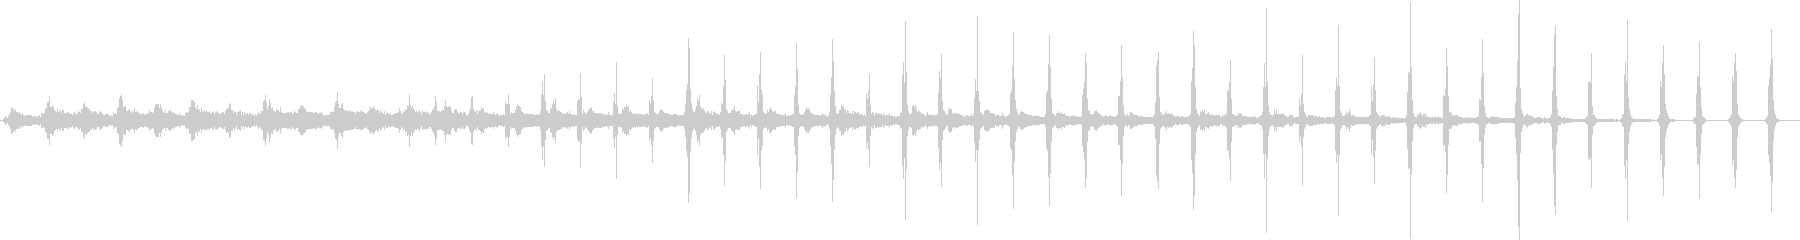 チクタク(懐中時計の音)胸騒ぎの未再生の波形